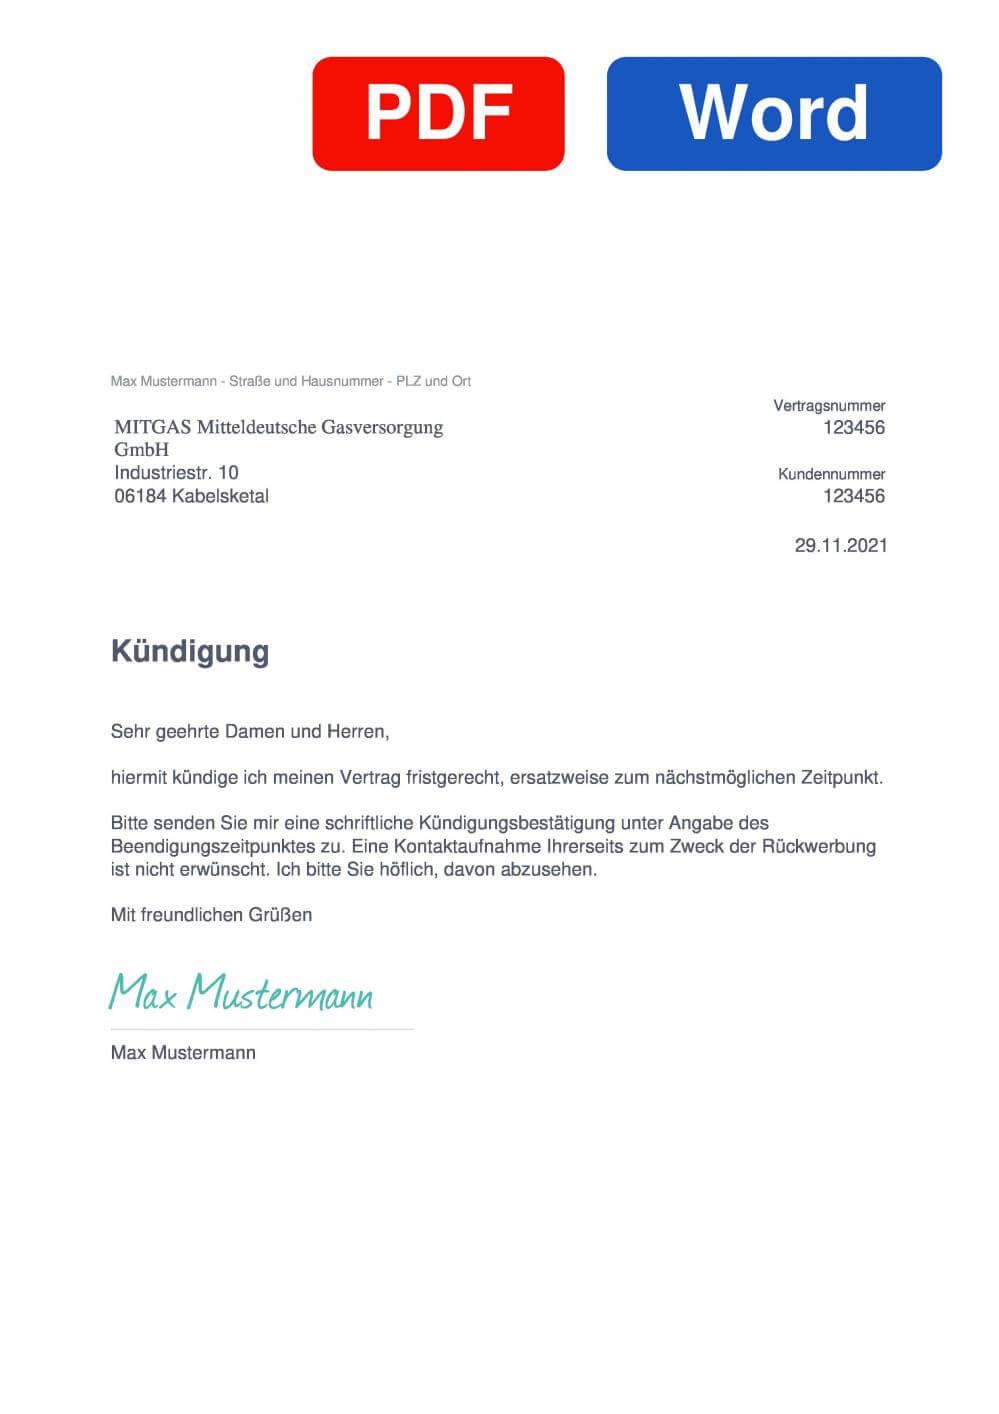 MITGAS Muster Vorlage für Kündigungsschreiben